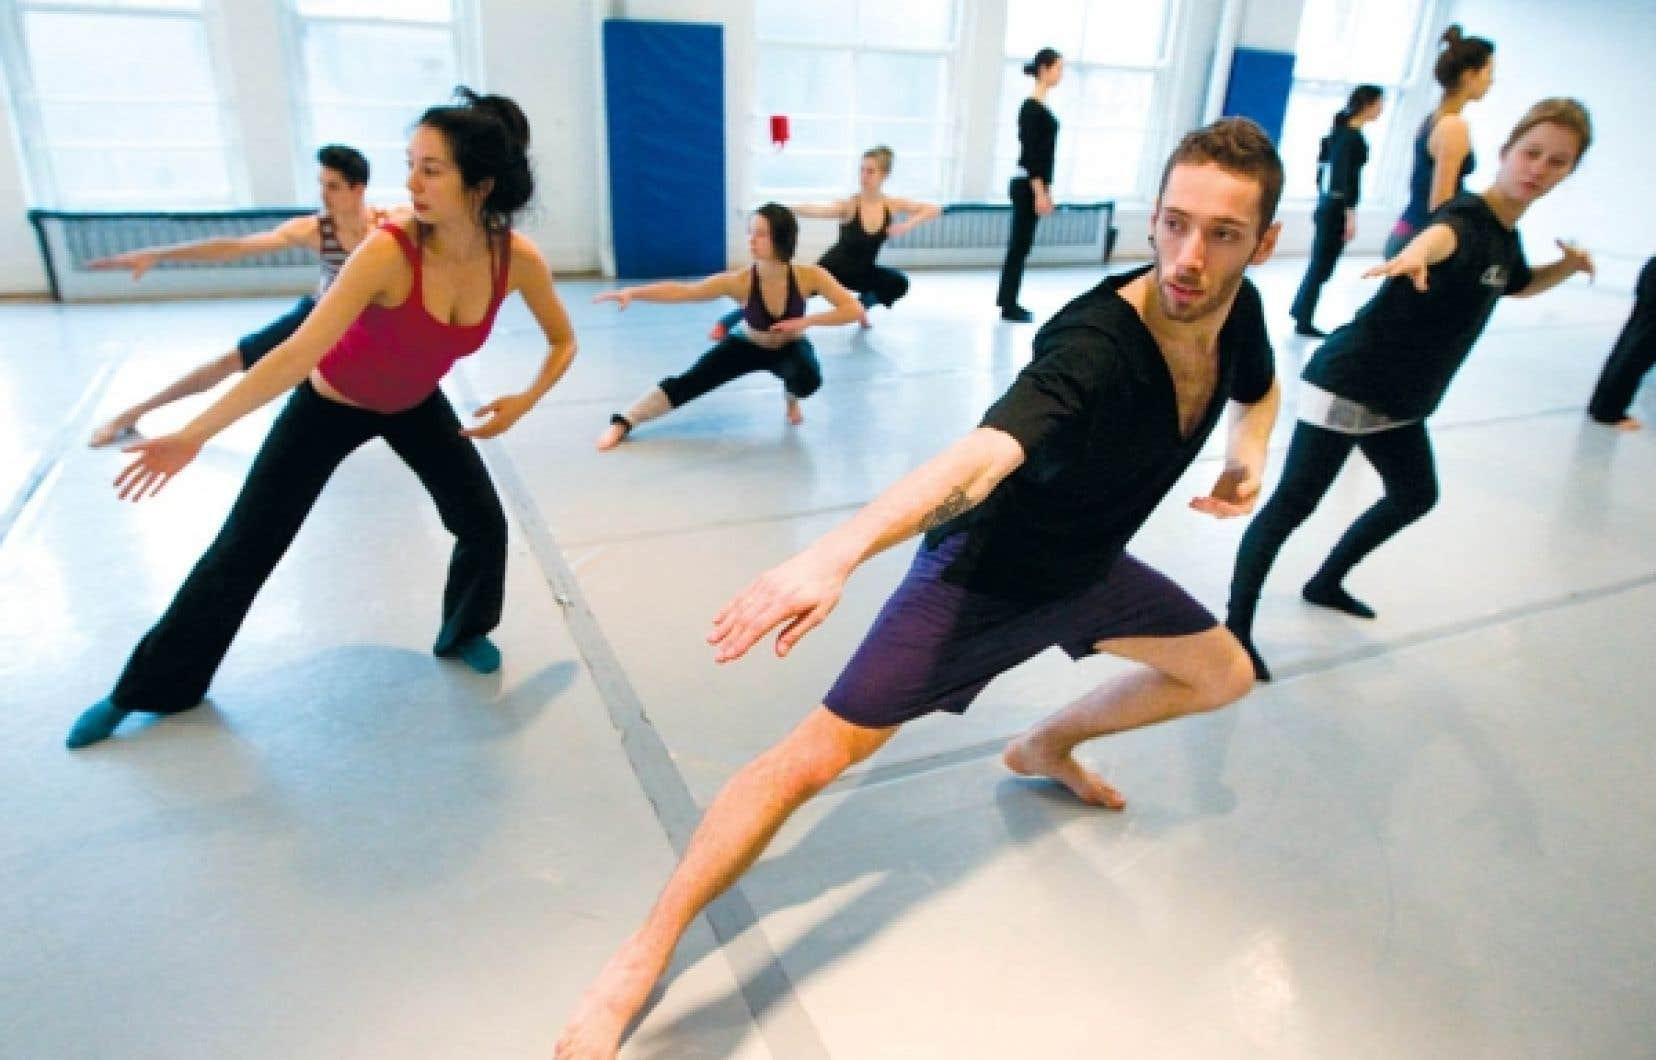 Des finissants des Ateliers de danse moderne de Montréal en pleine répétition.